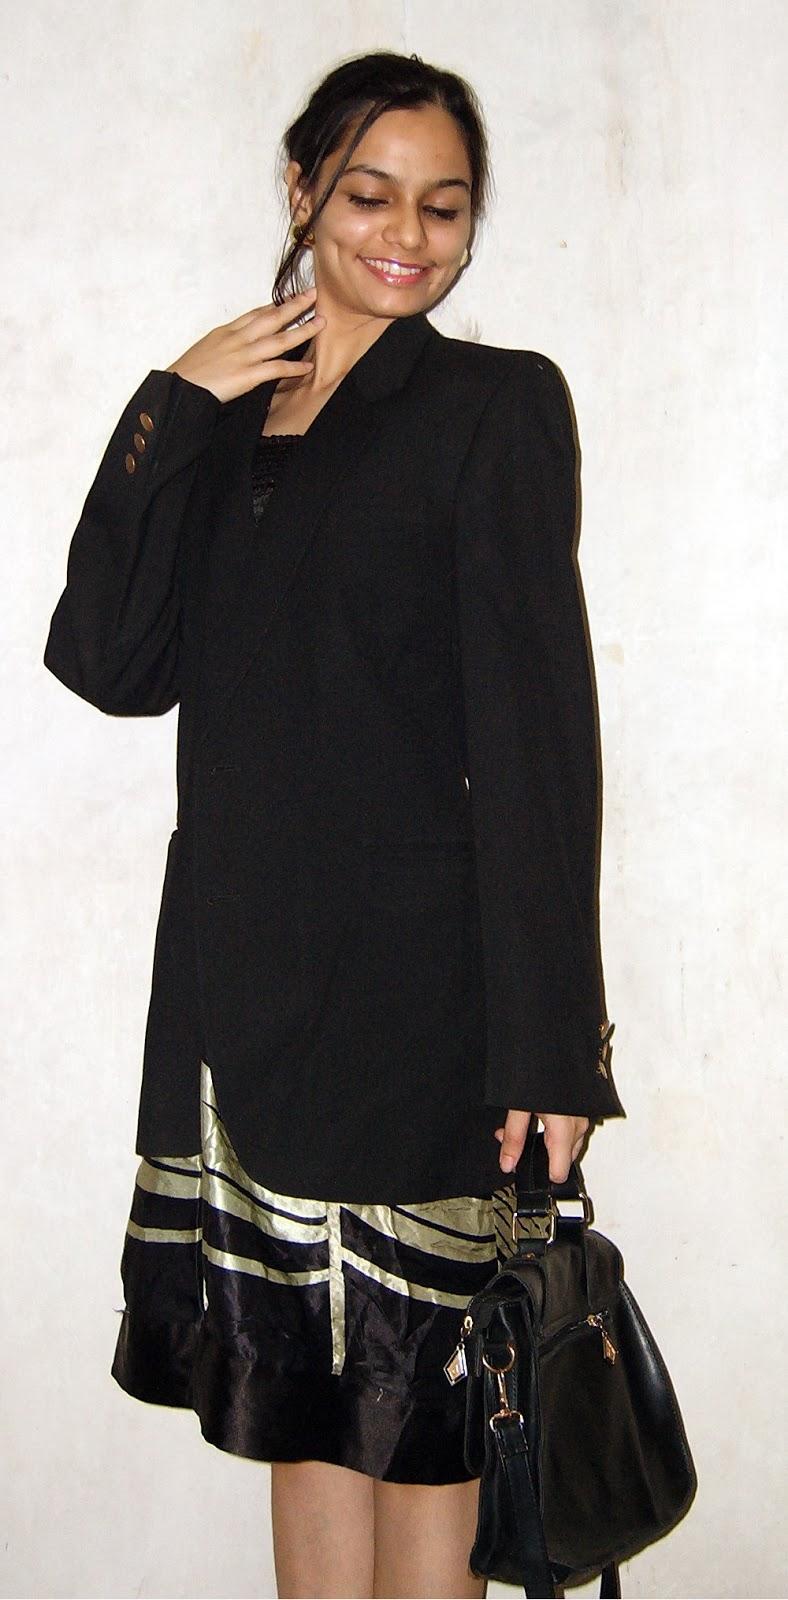 mumbai street style, oversized blazers, boyfriend blazer, outfit ideas for work, vintage blazer